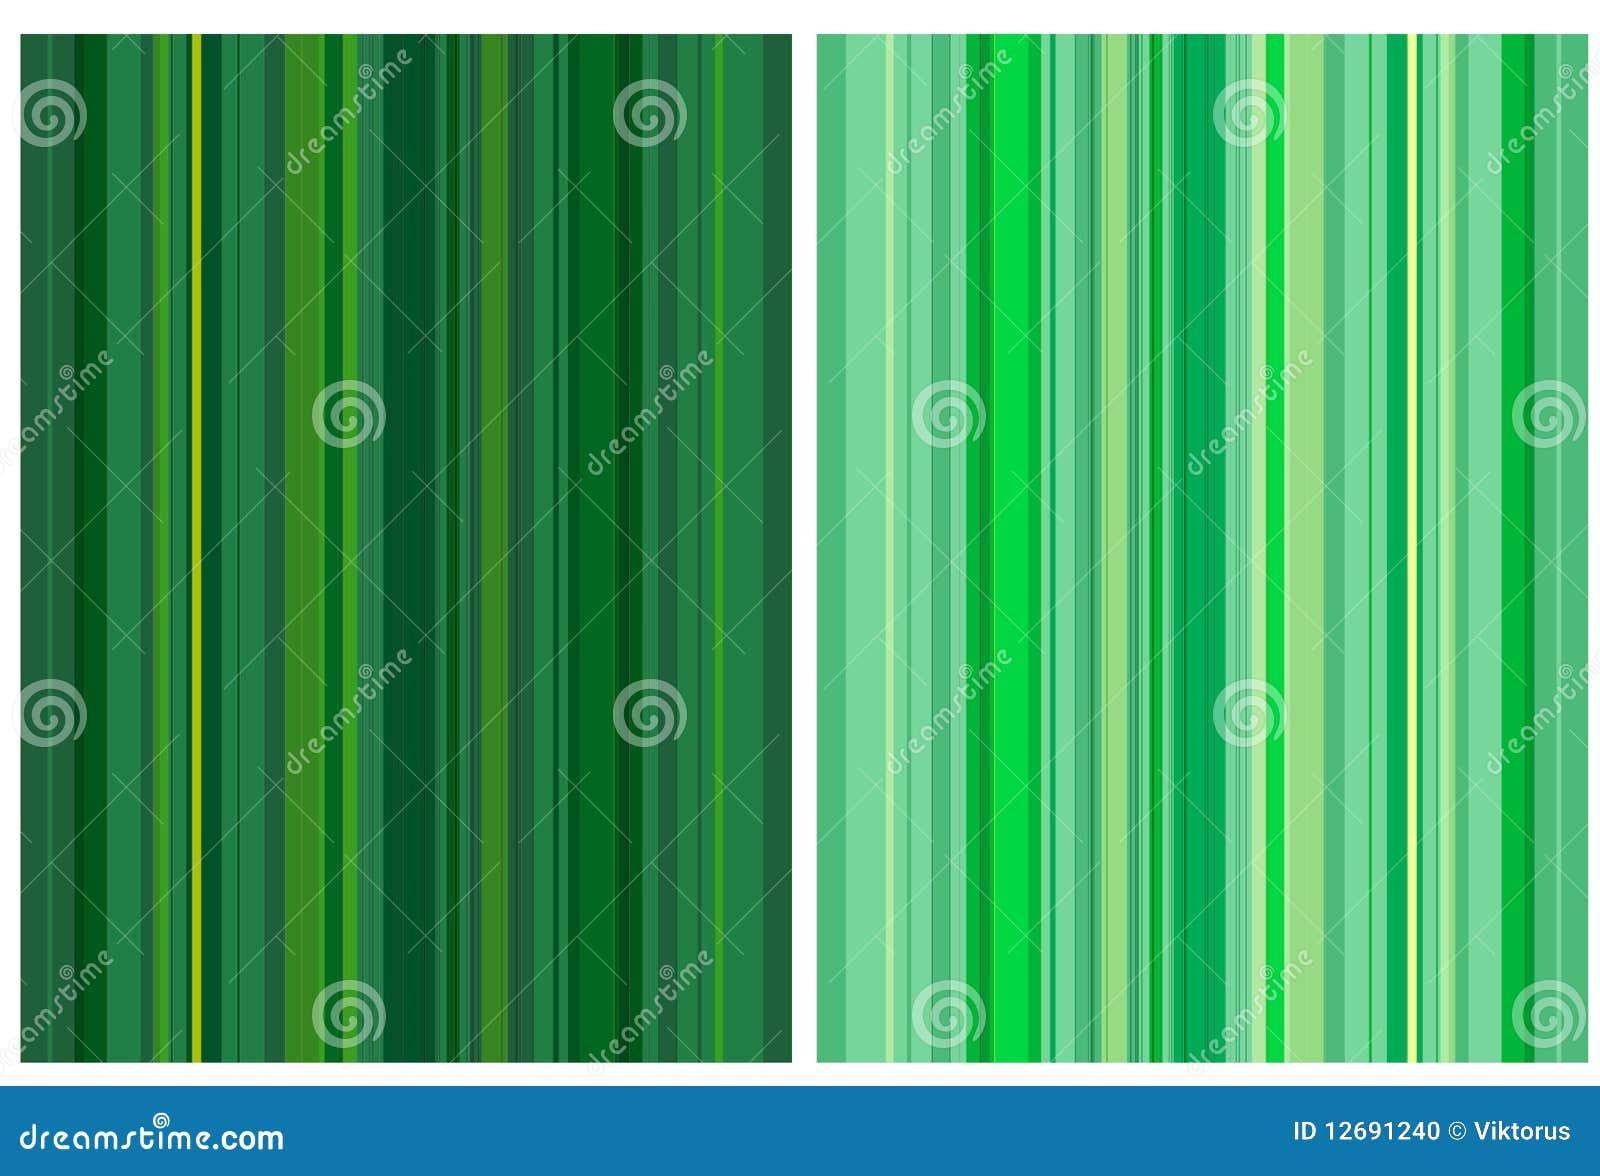 Fondo verde de la gama de colores foto de archivo imagen - Gama de colores verdes ...